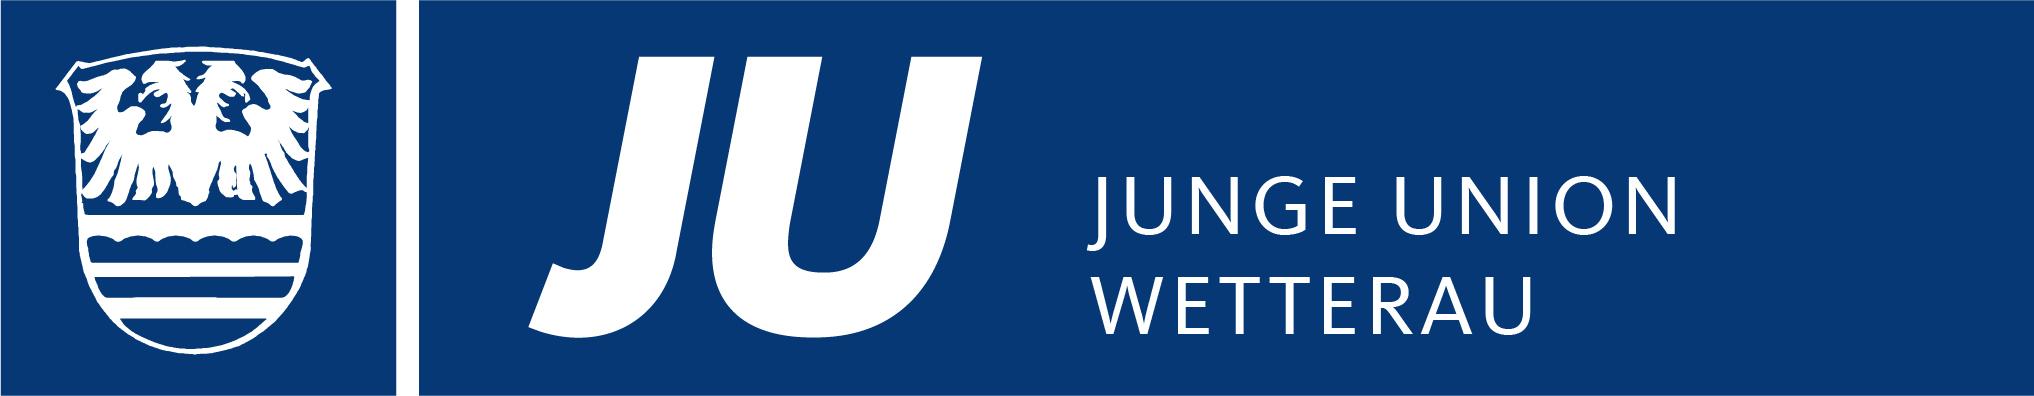 Logo von Junge Union Wetterau